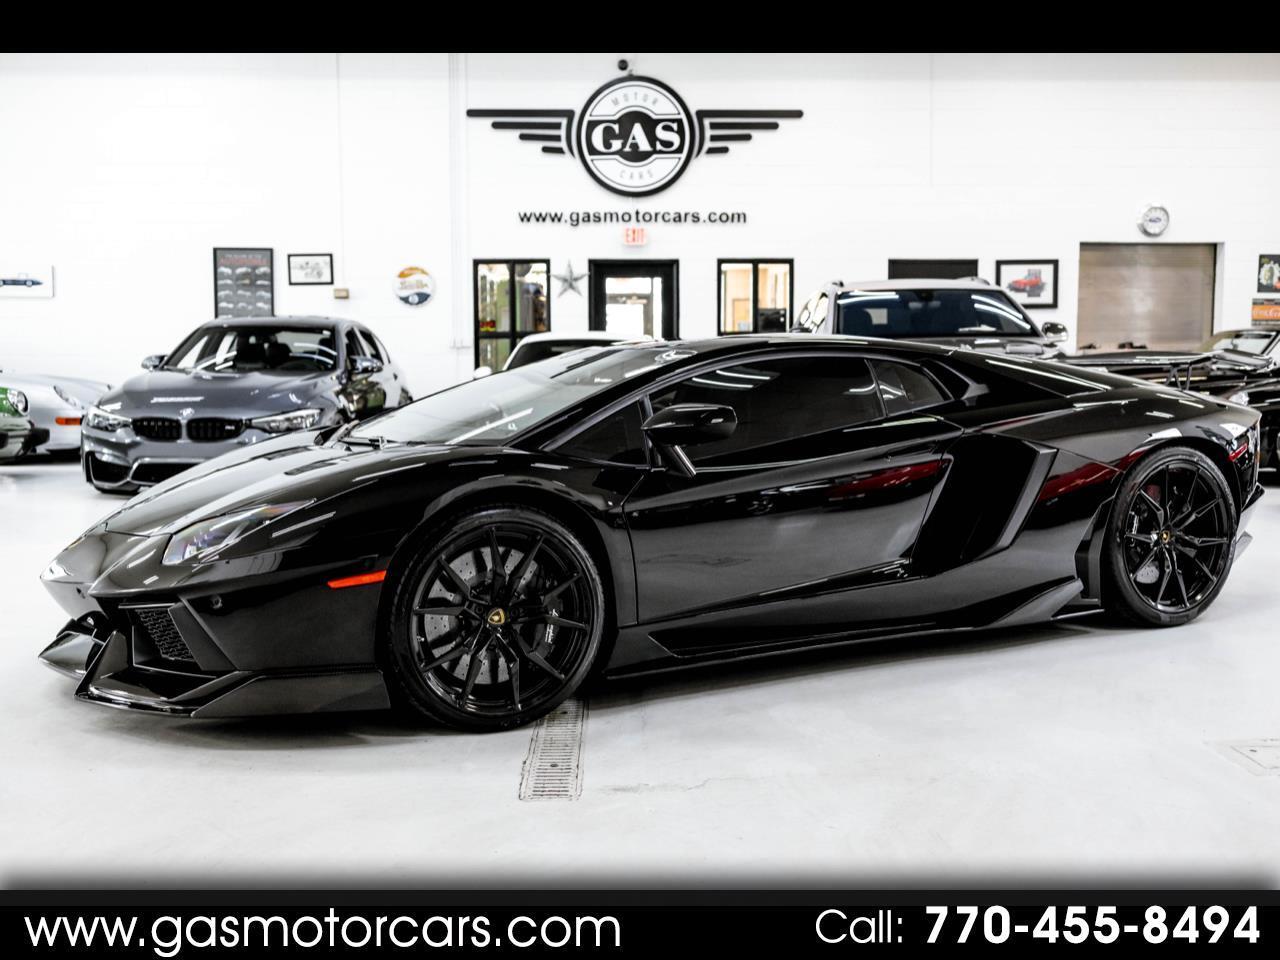 Lamborghini Aventador LP700-4 Coupe 2013